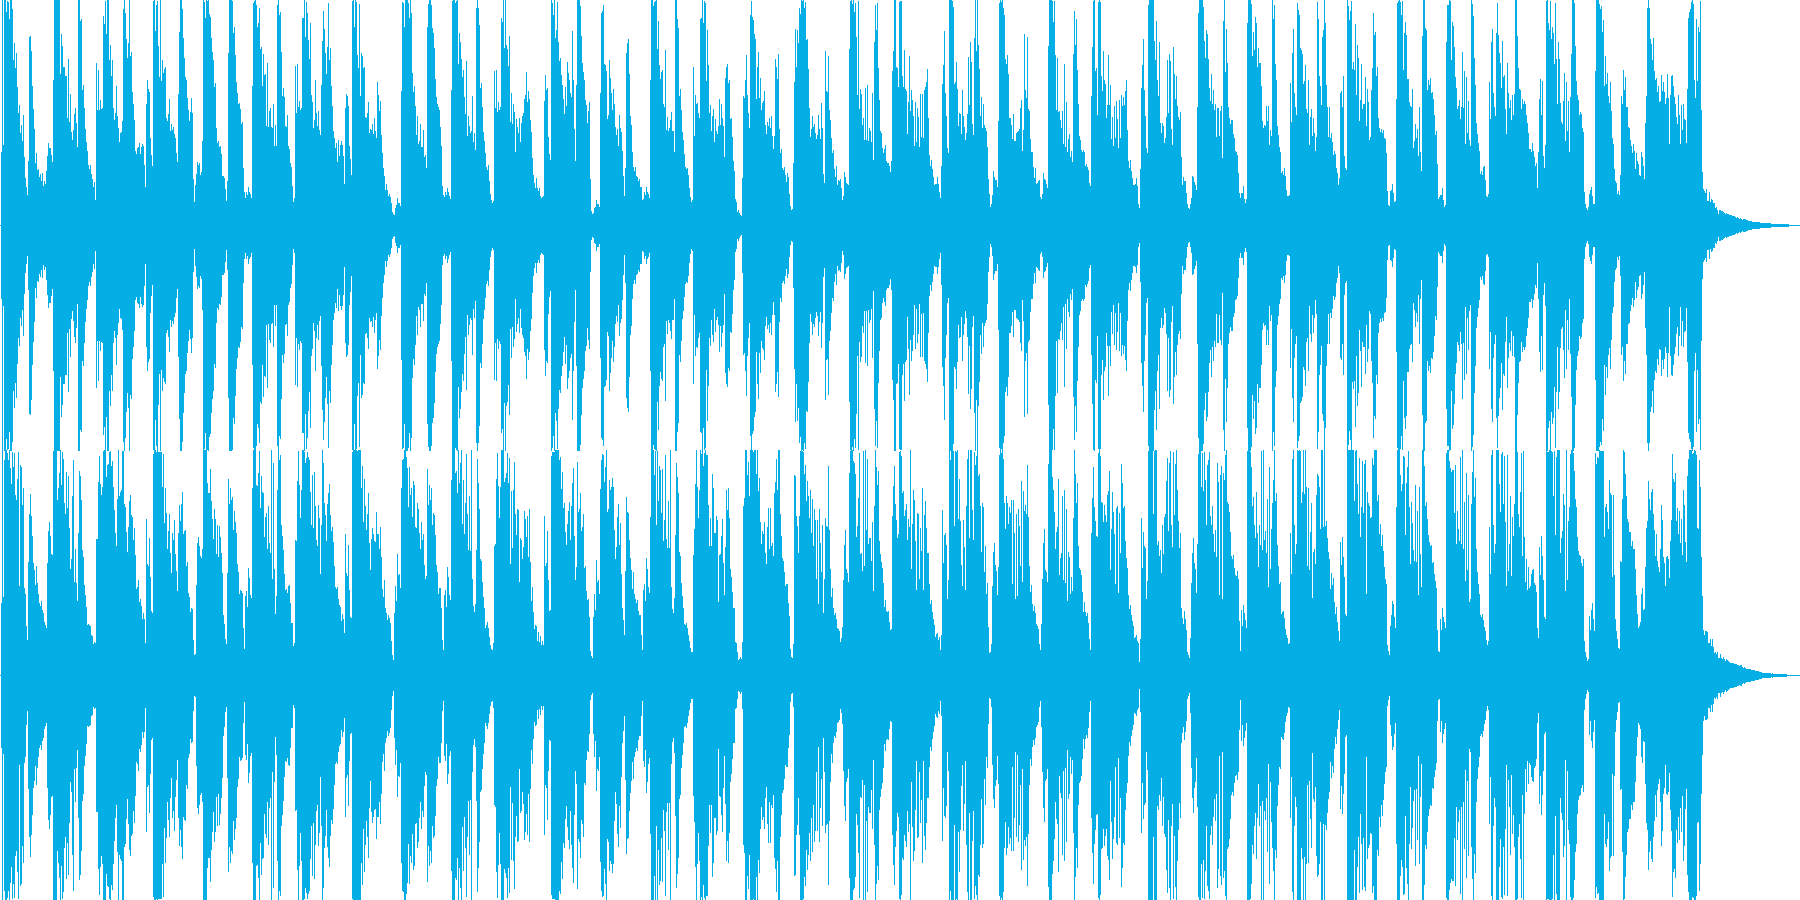 ウクレレと軽快なブラスのジングルの再生済みの波形